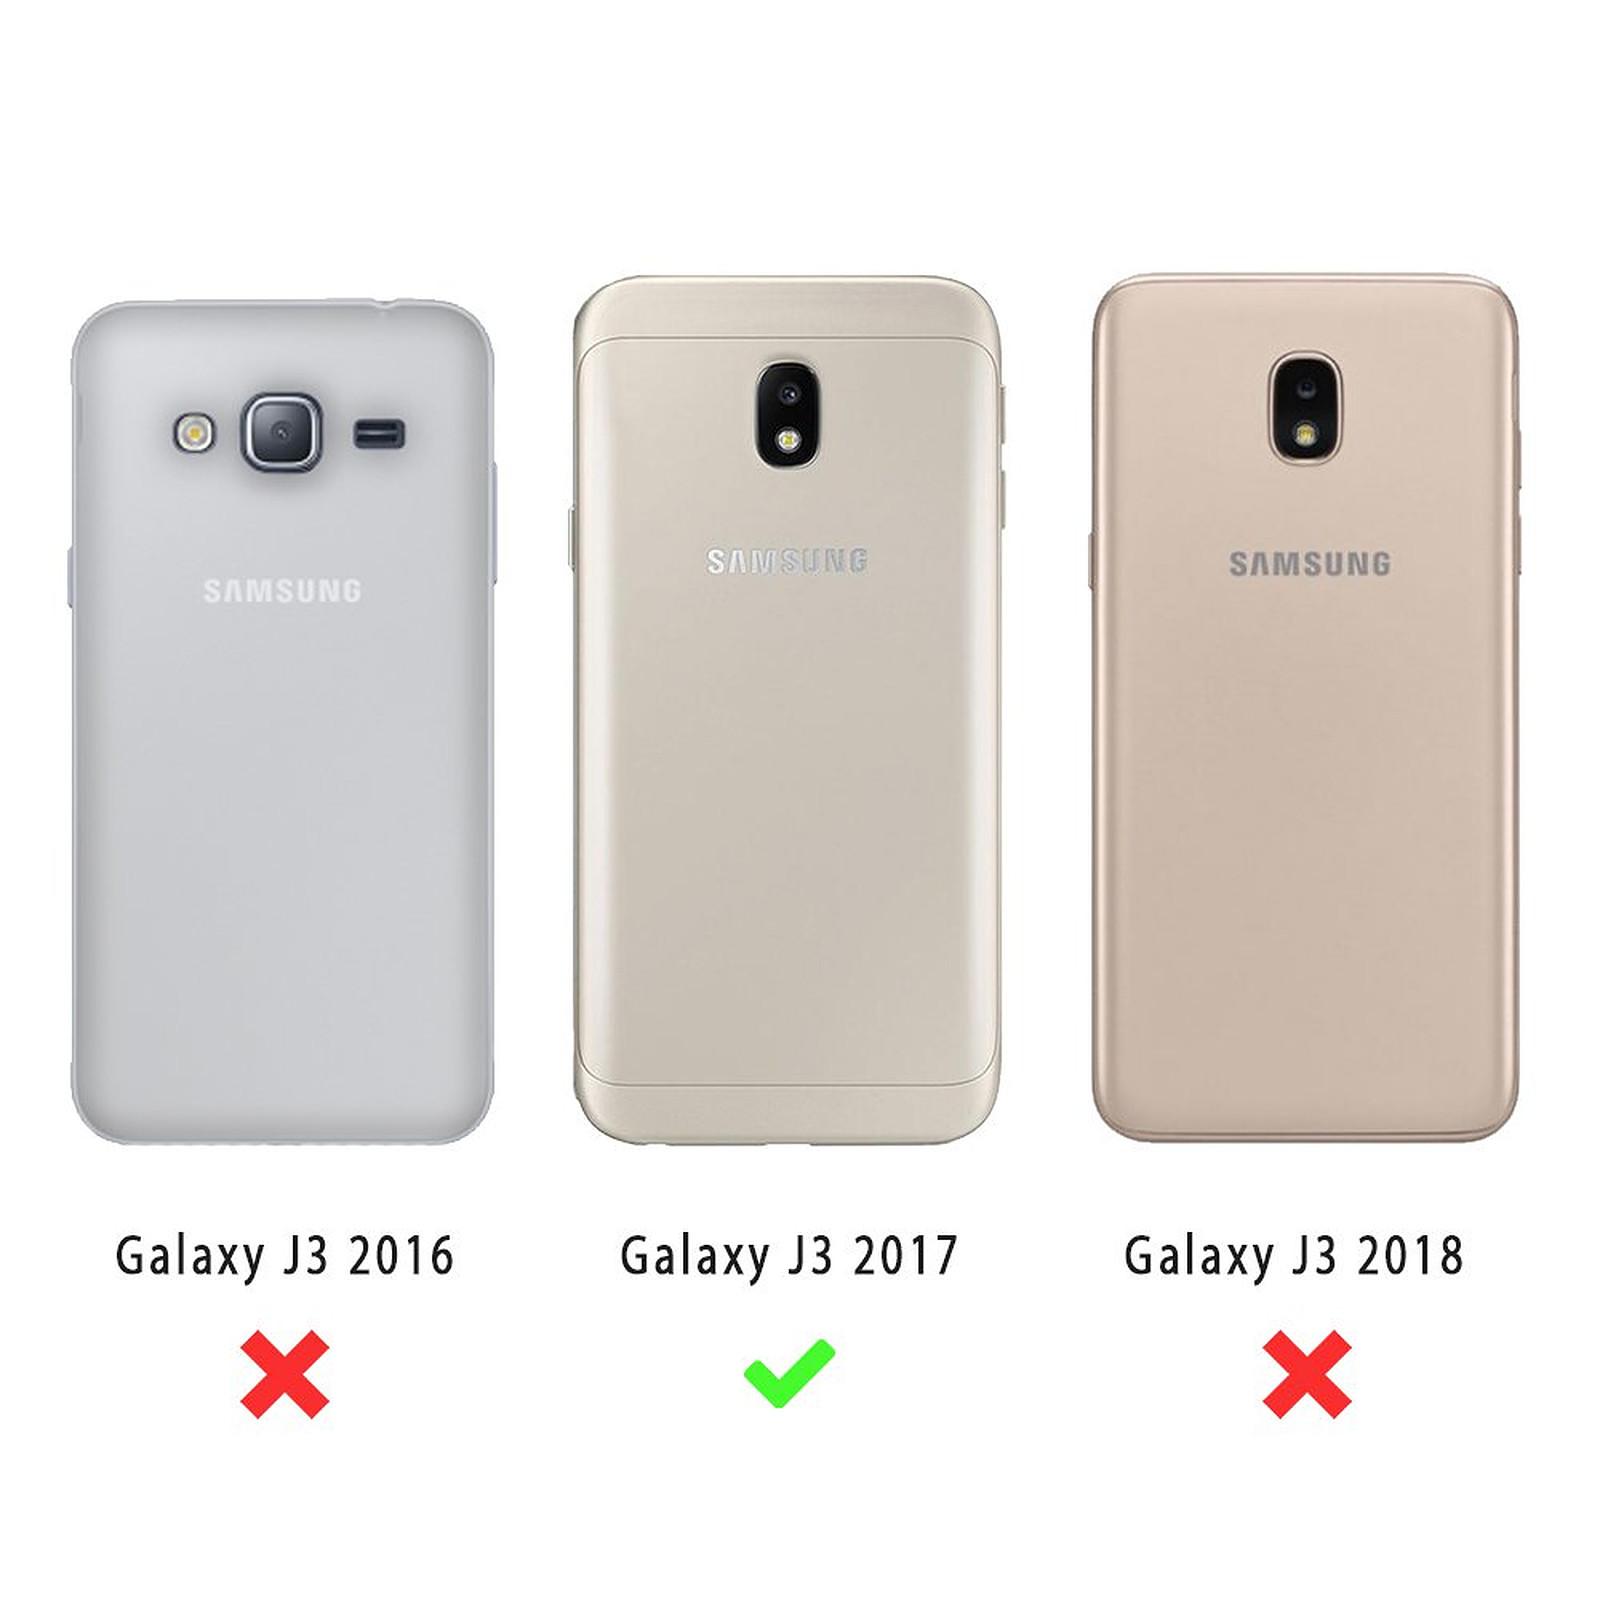 EVETANE Coque Samsung Galaxy J3 2017 souple transparente Marbre blanc